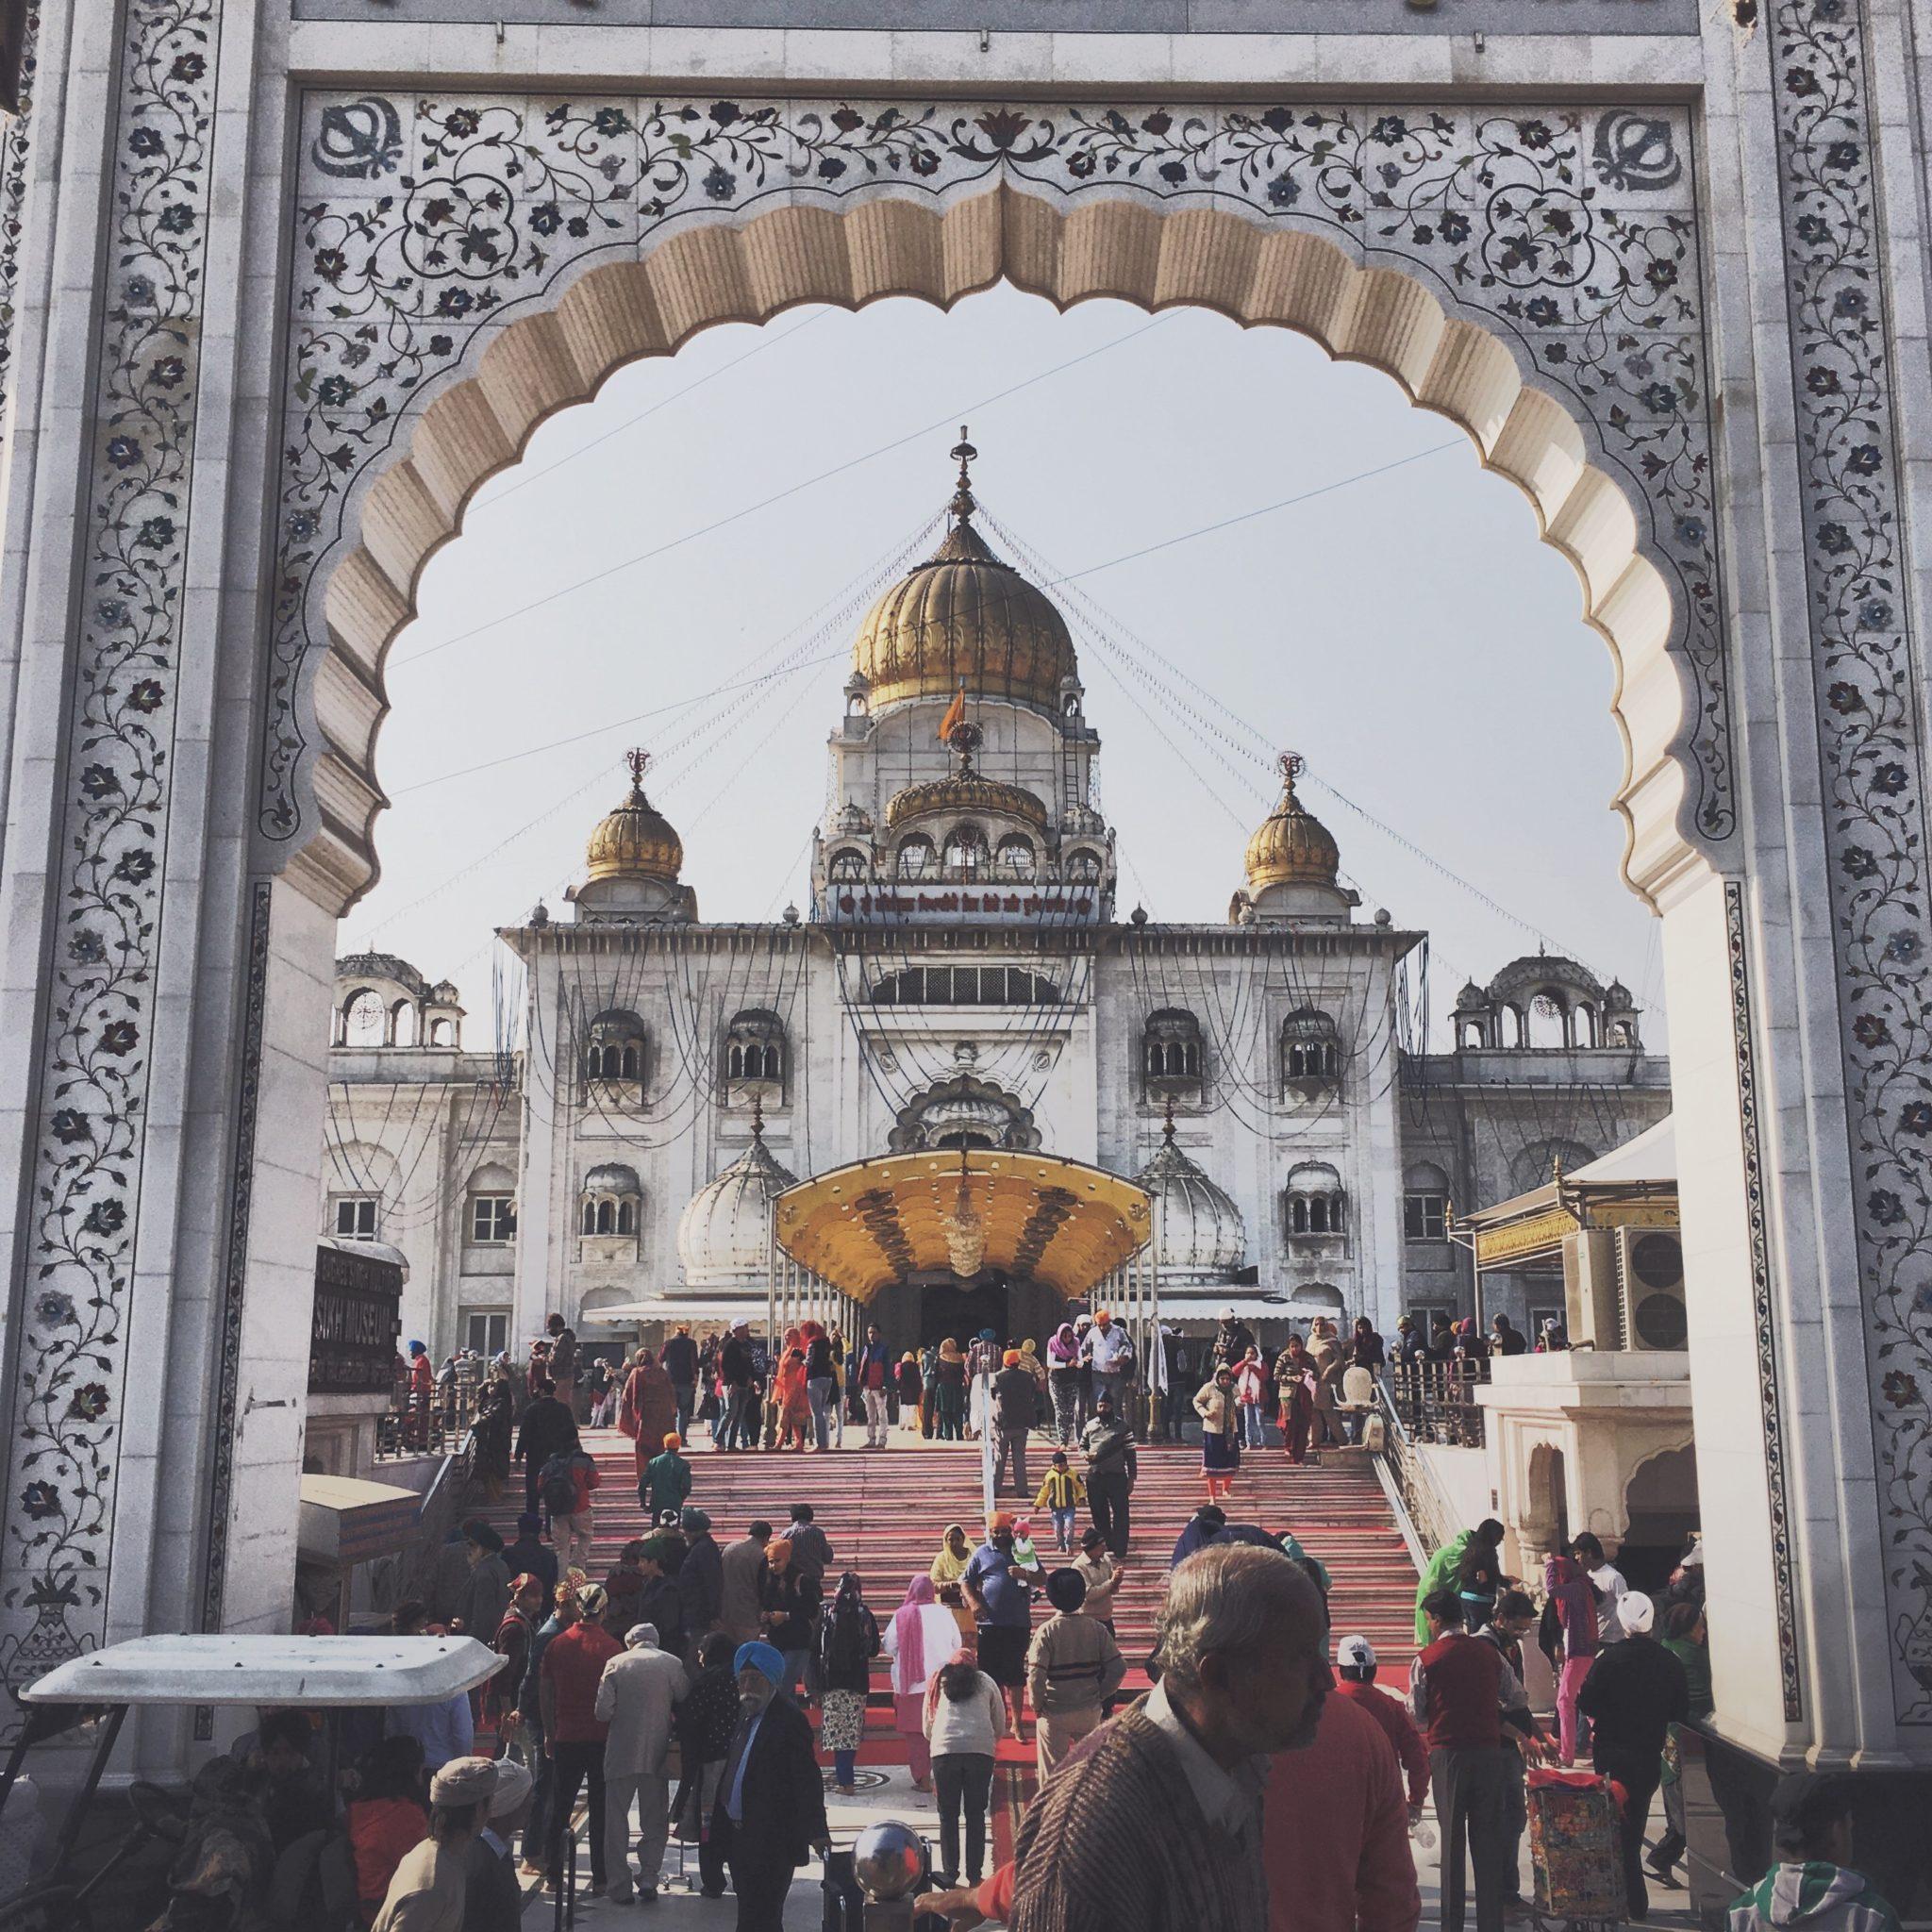 Dehli, India